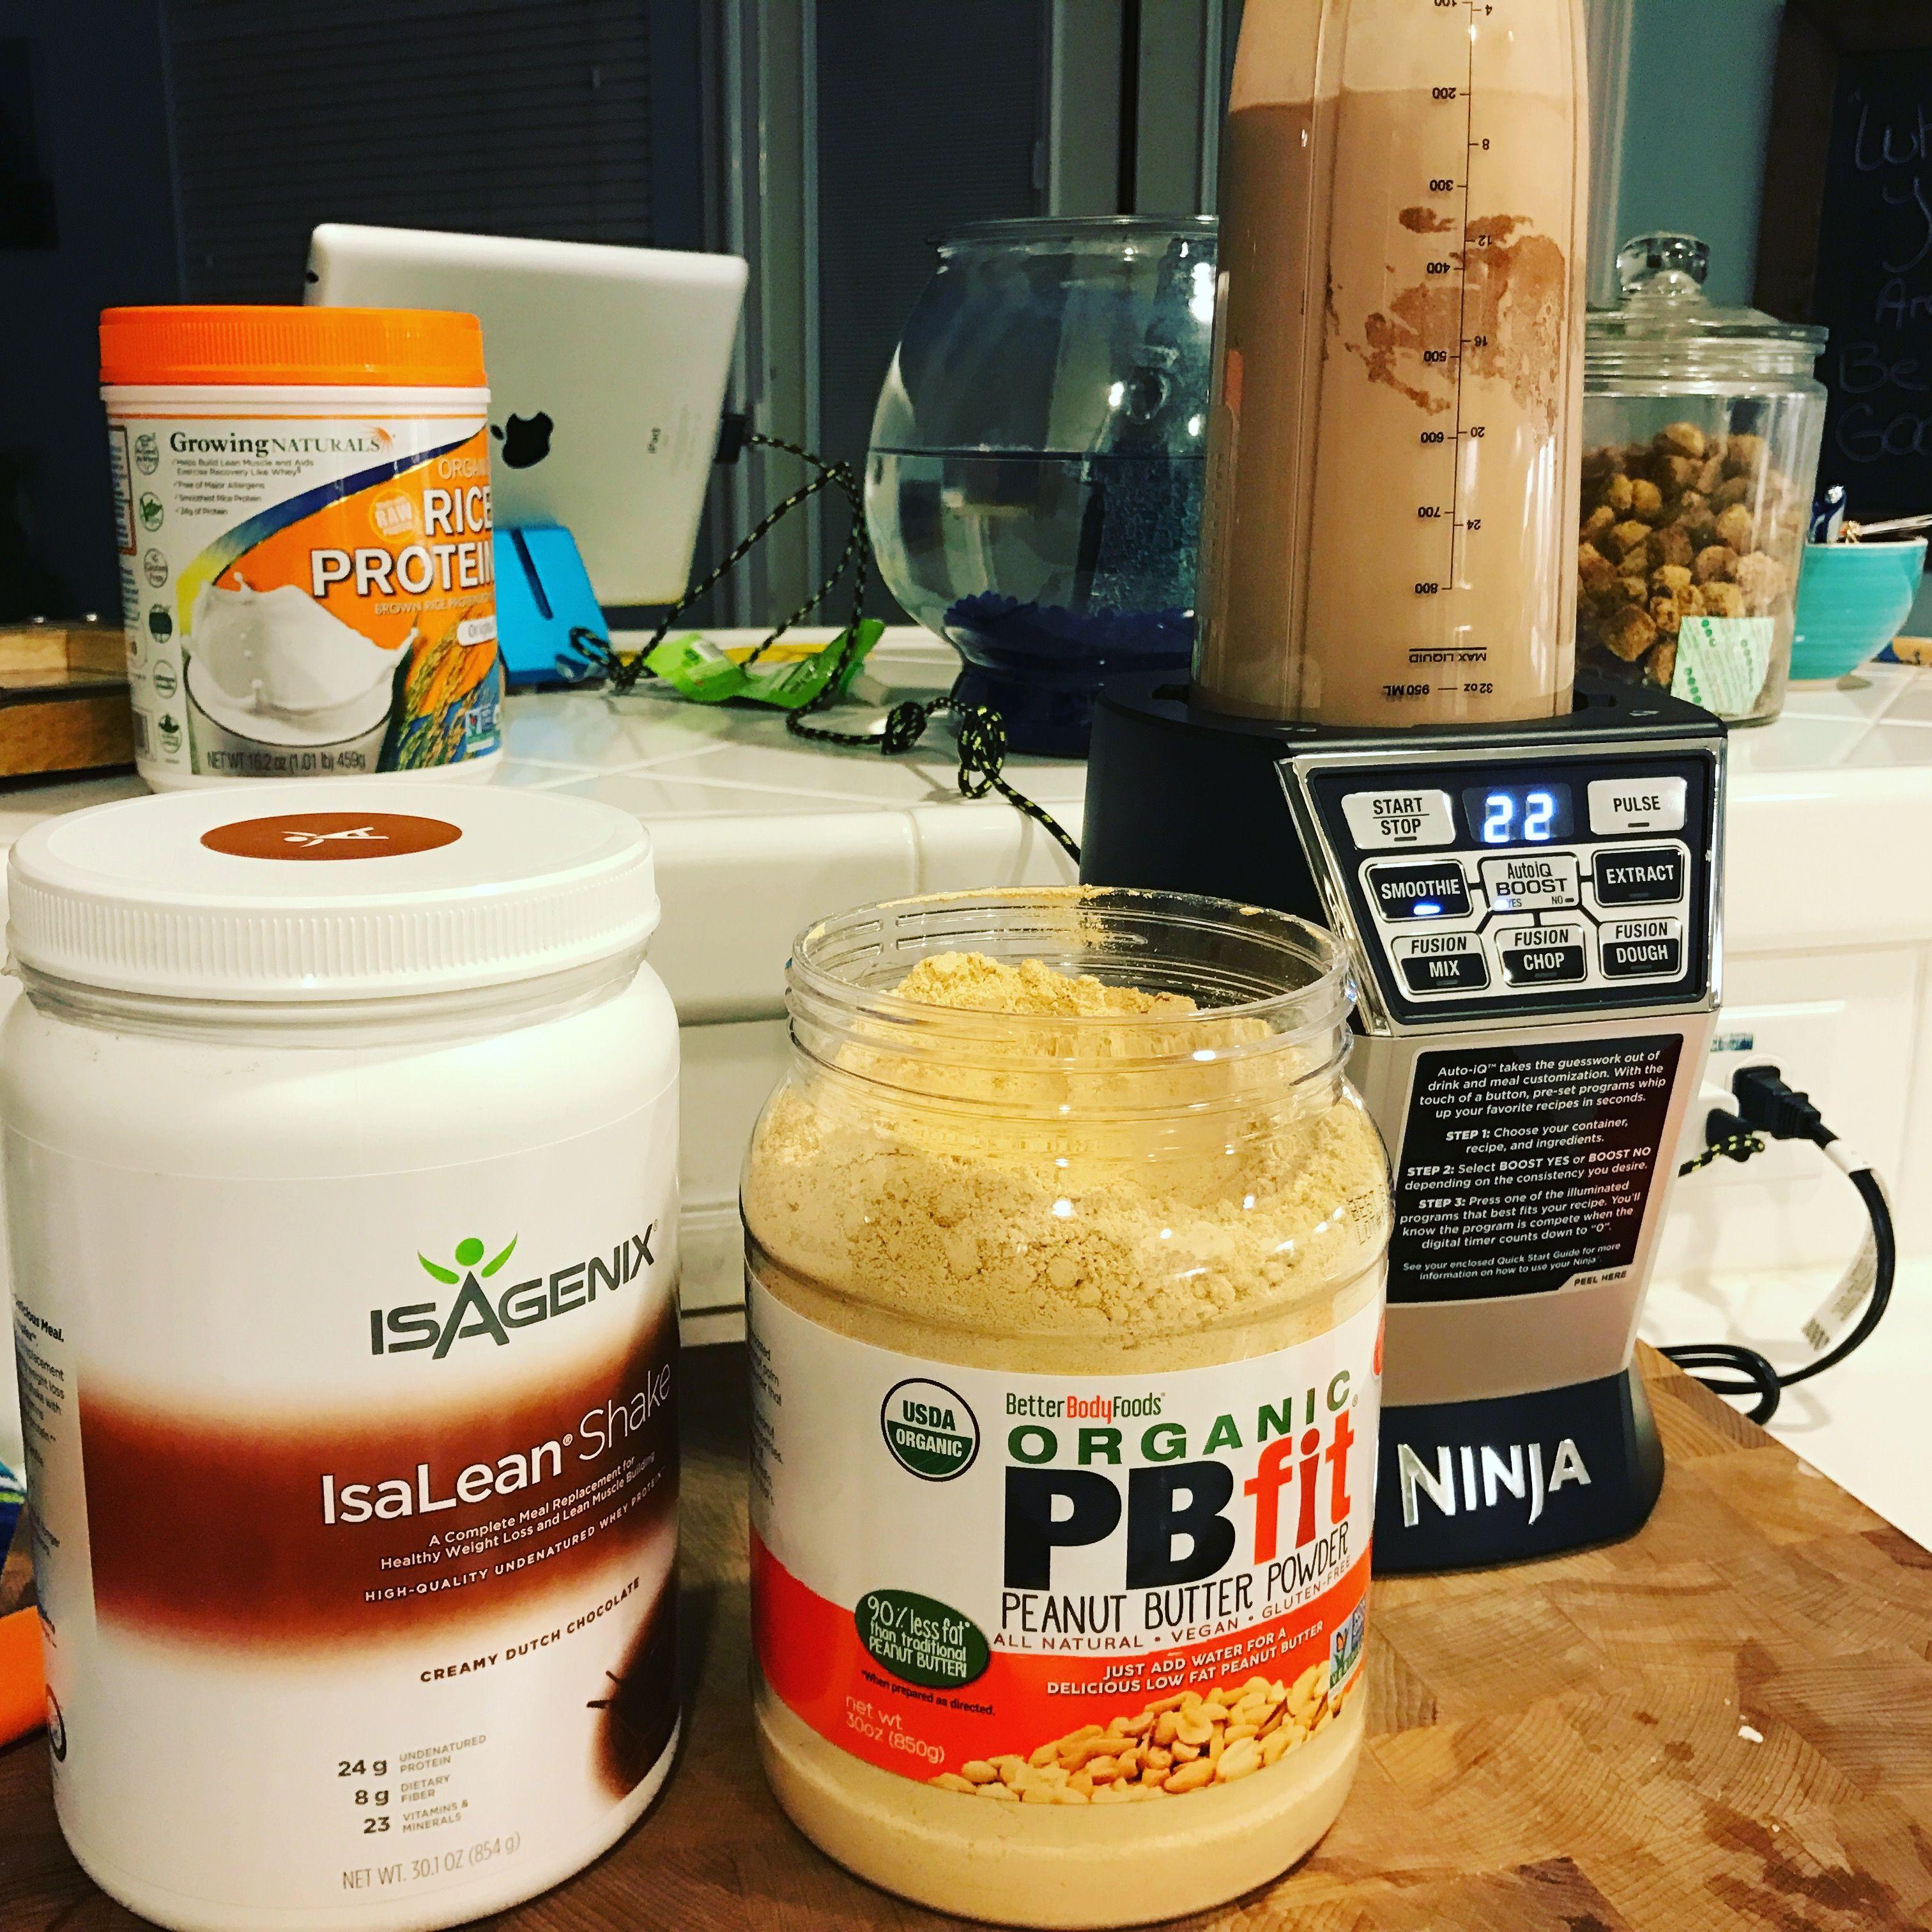 Isagenix isalean pb fit protein shakesmoothie healthy